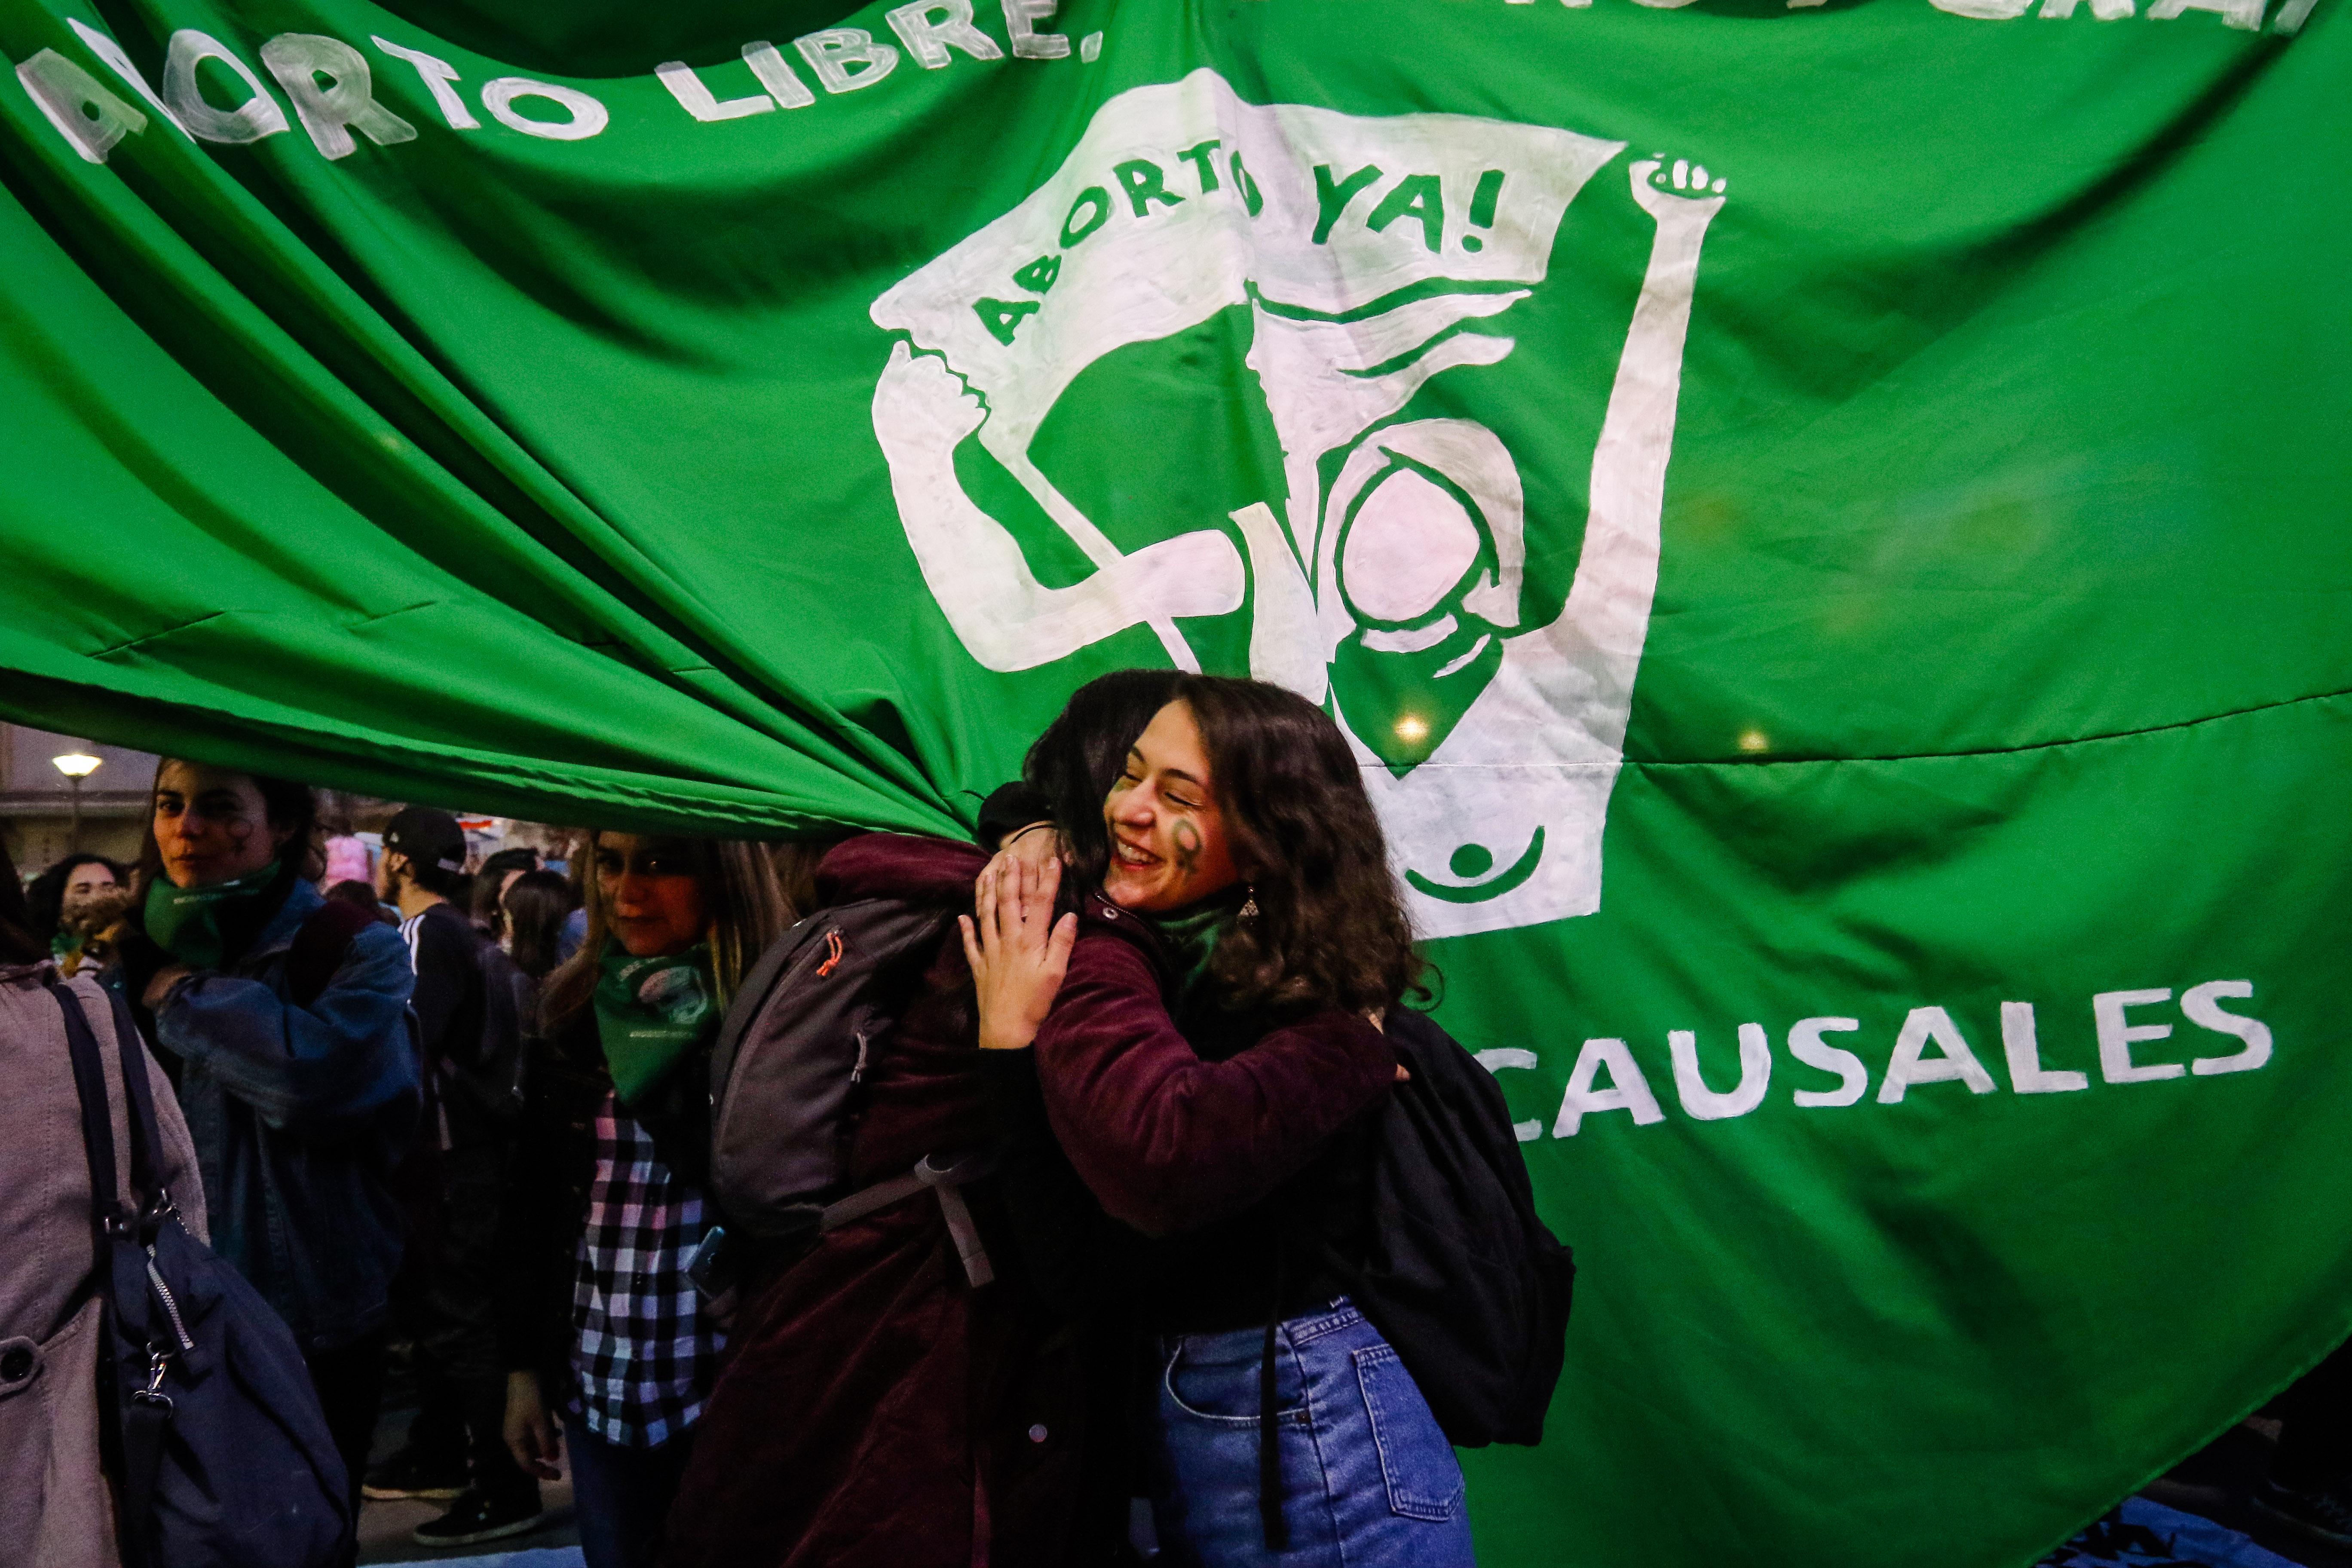 Gobierno interpone querella por incidentes en marcha a favor del aborto libre